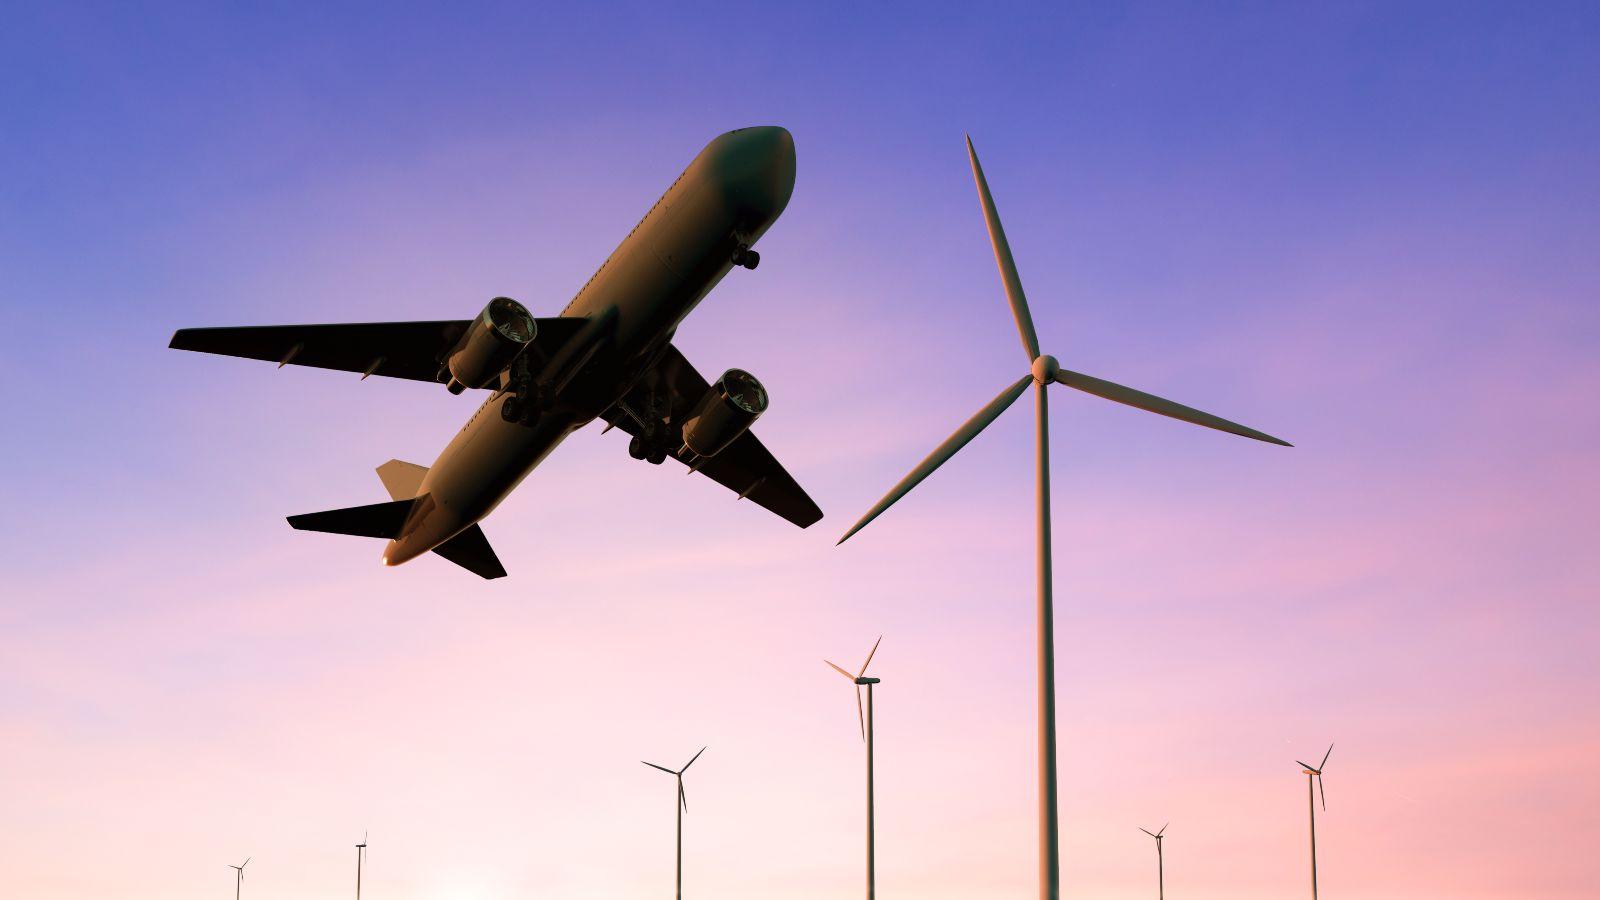 Das Foto zeigt ein Flugzeug, das über einige Windräder hinweg fliegt.